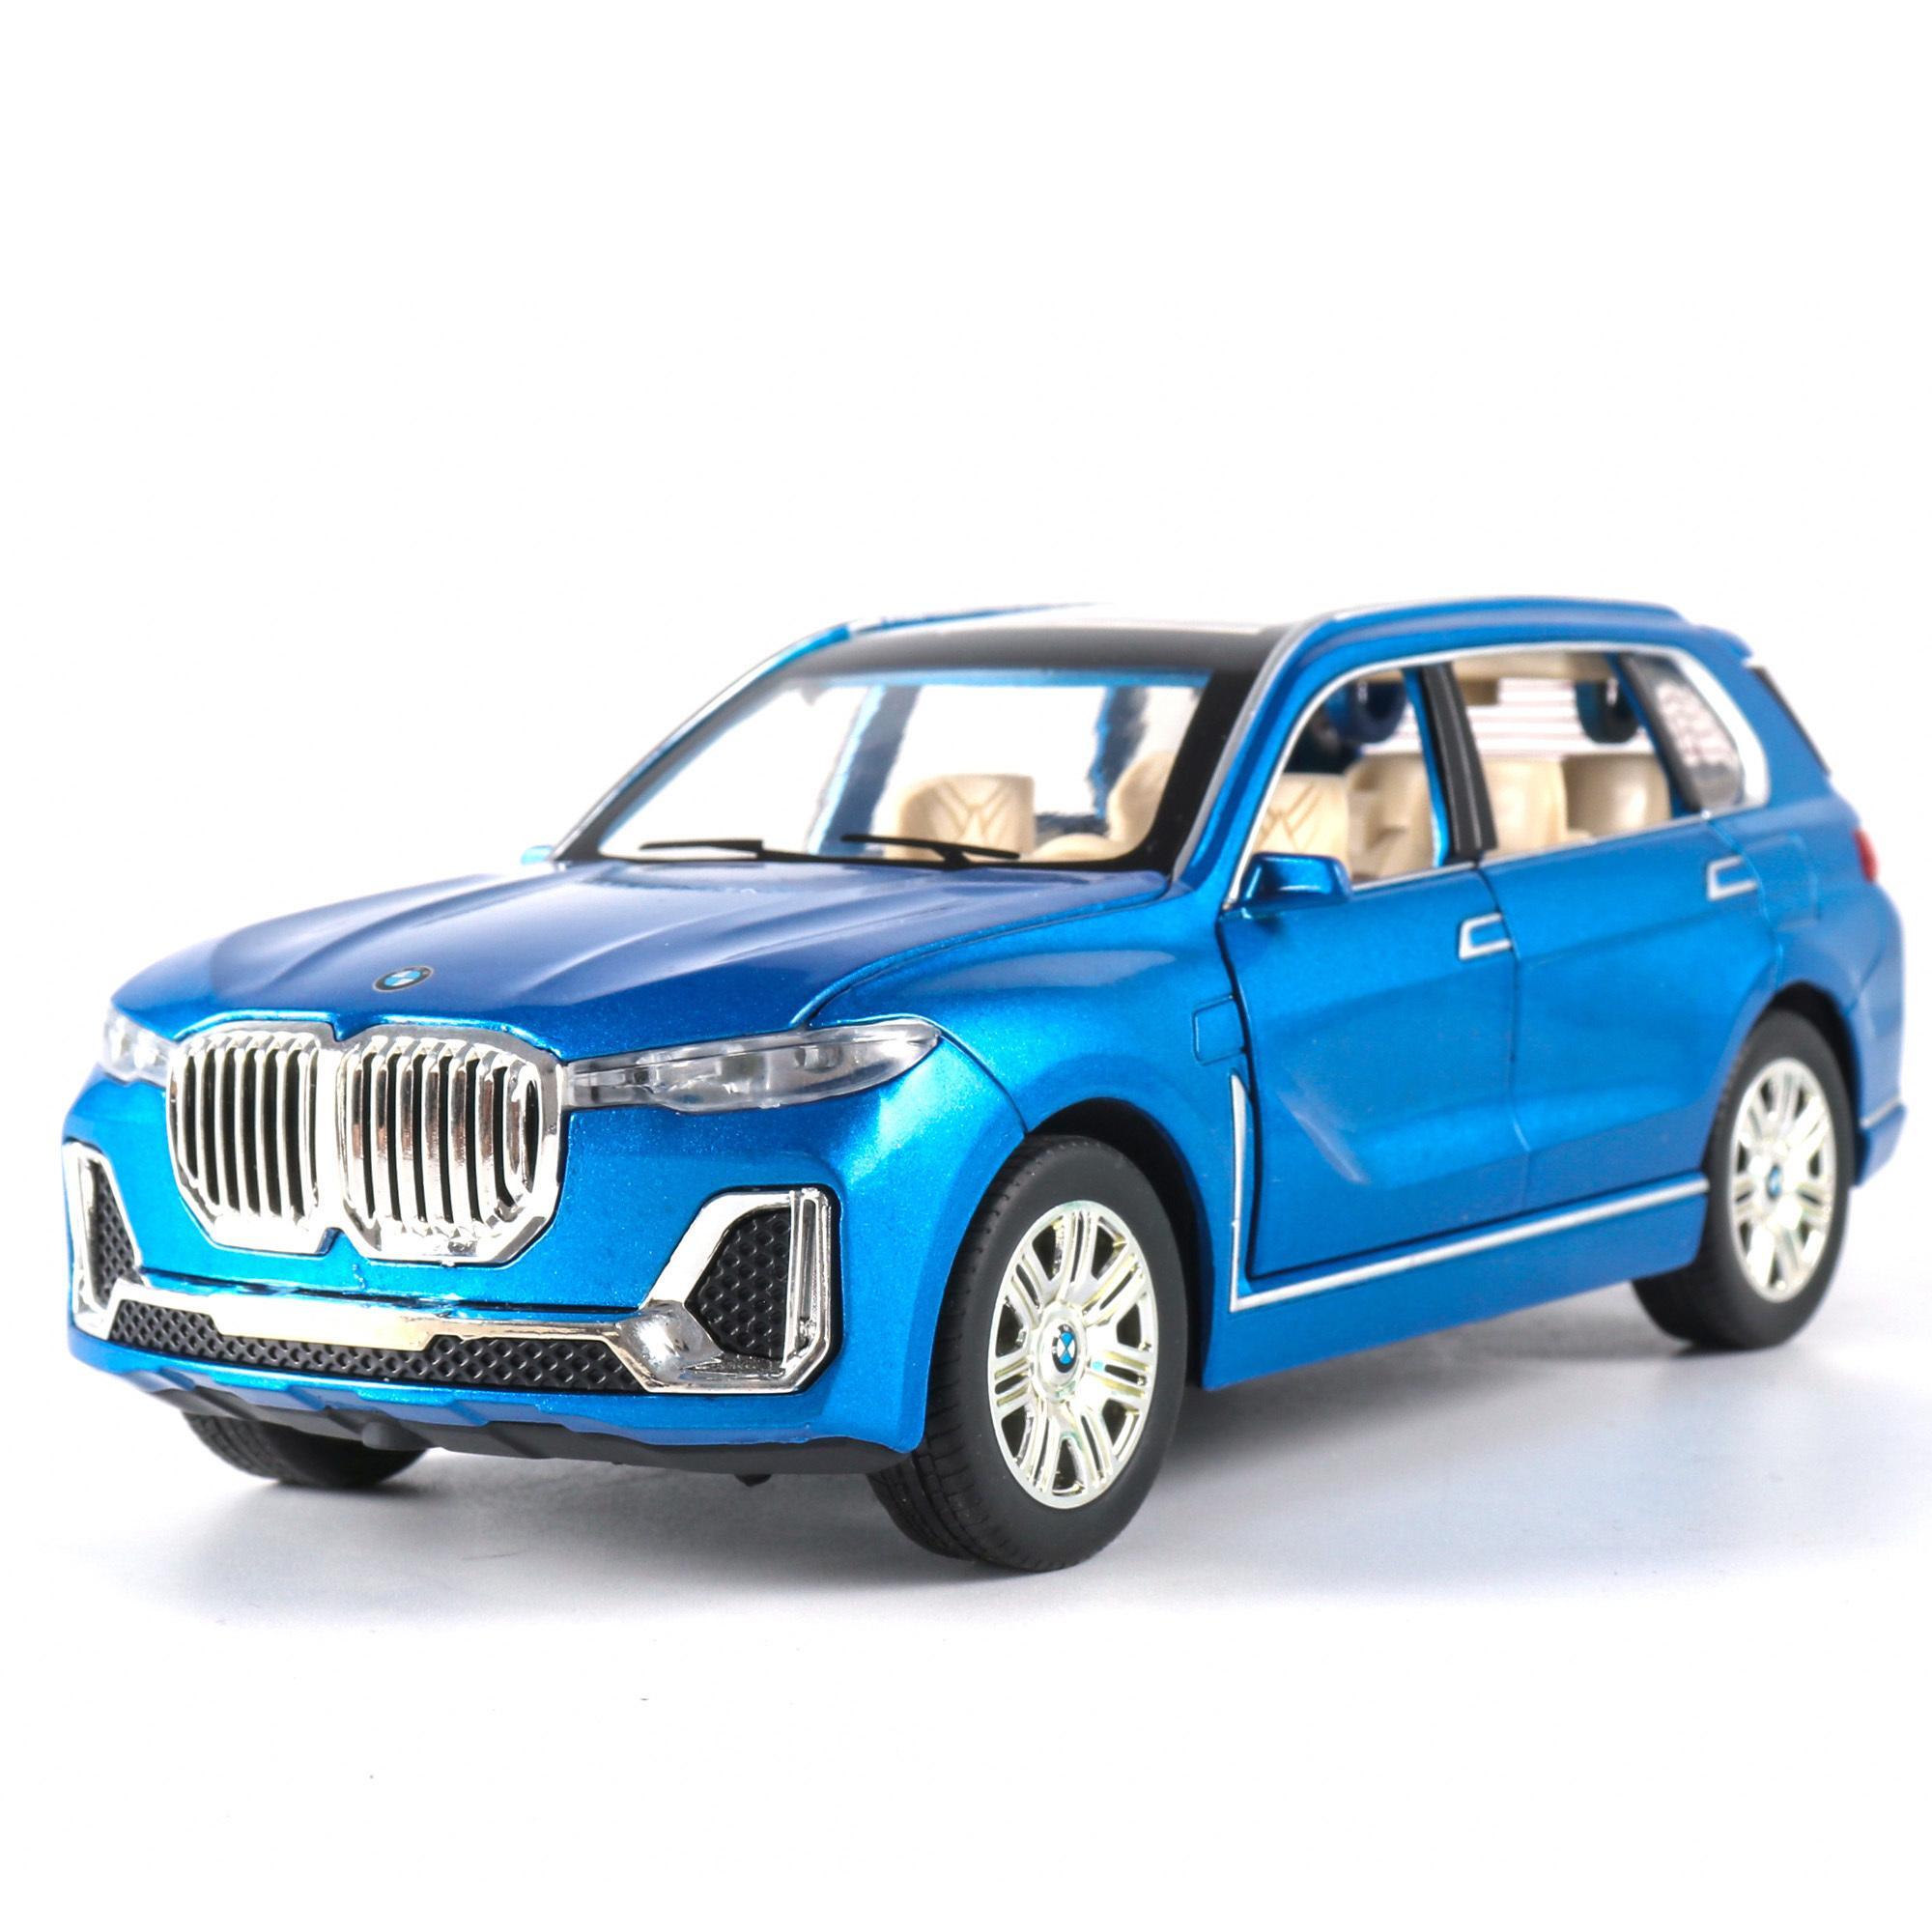 01:24 BM X7 Alaşım Araba Modeli Diecasts Oyuncak Araçlar Çoklu renk oranı Simülasyon Işık Ses Çekme Geri 6 Kapılar Çocuk Hediye Açıldı